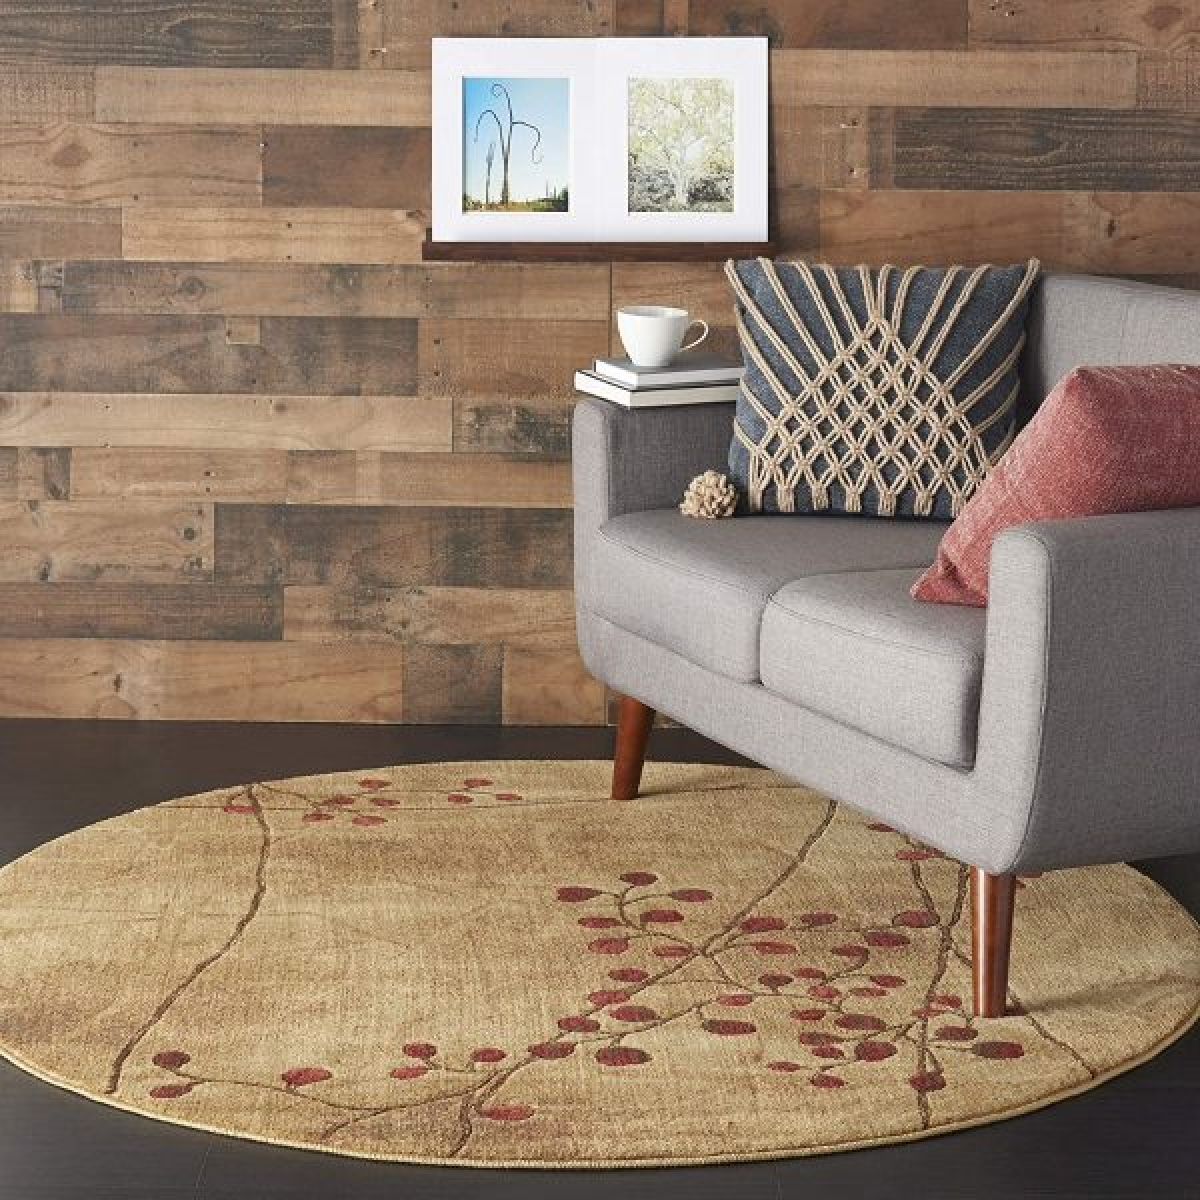 Tấm thảm màu nâu nhạt điểm hoạ tiết hoa tinh tế thích hợp với chủ nhân yêu mến sự nhẹ nhàng, cổ điển.